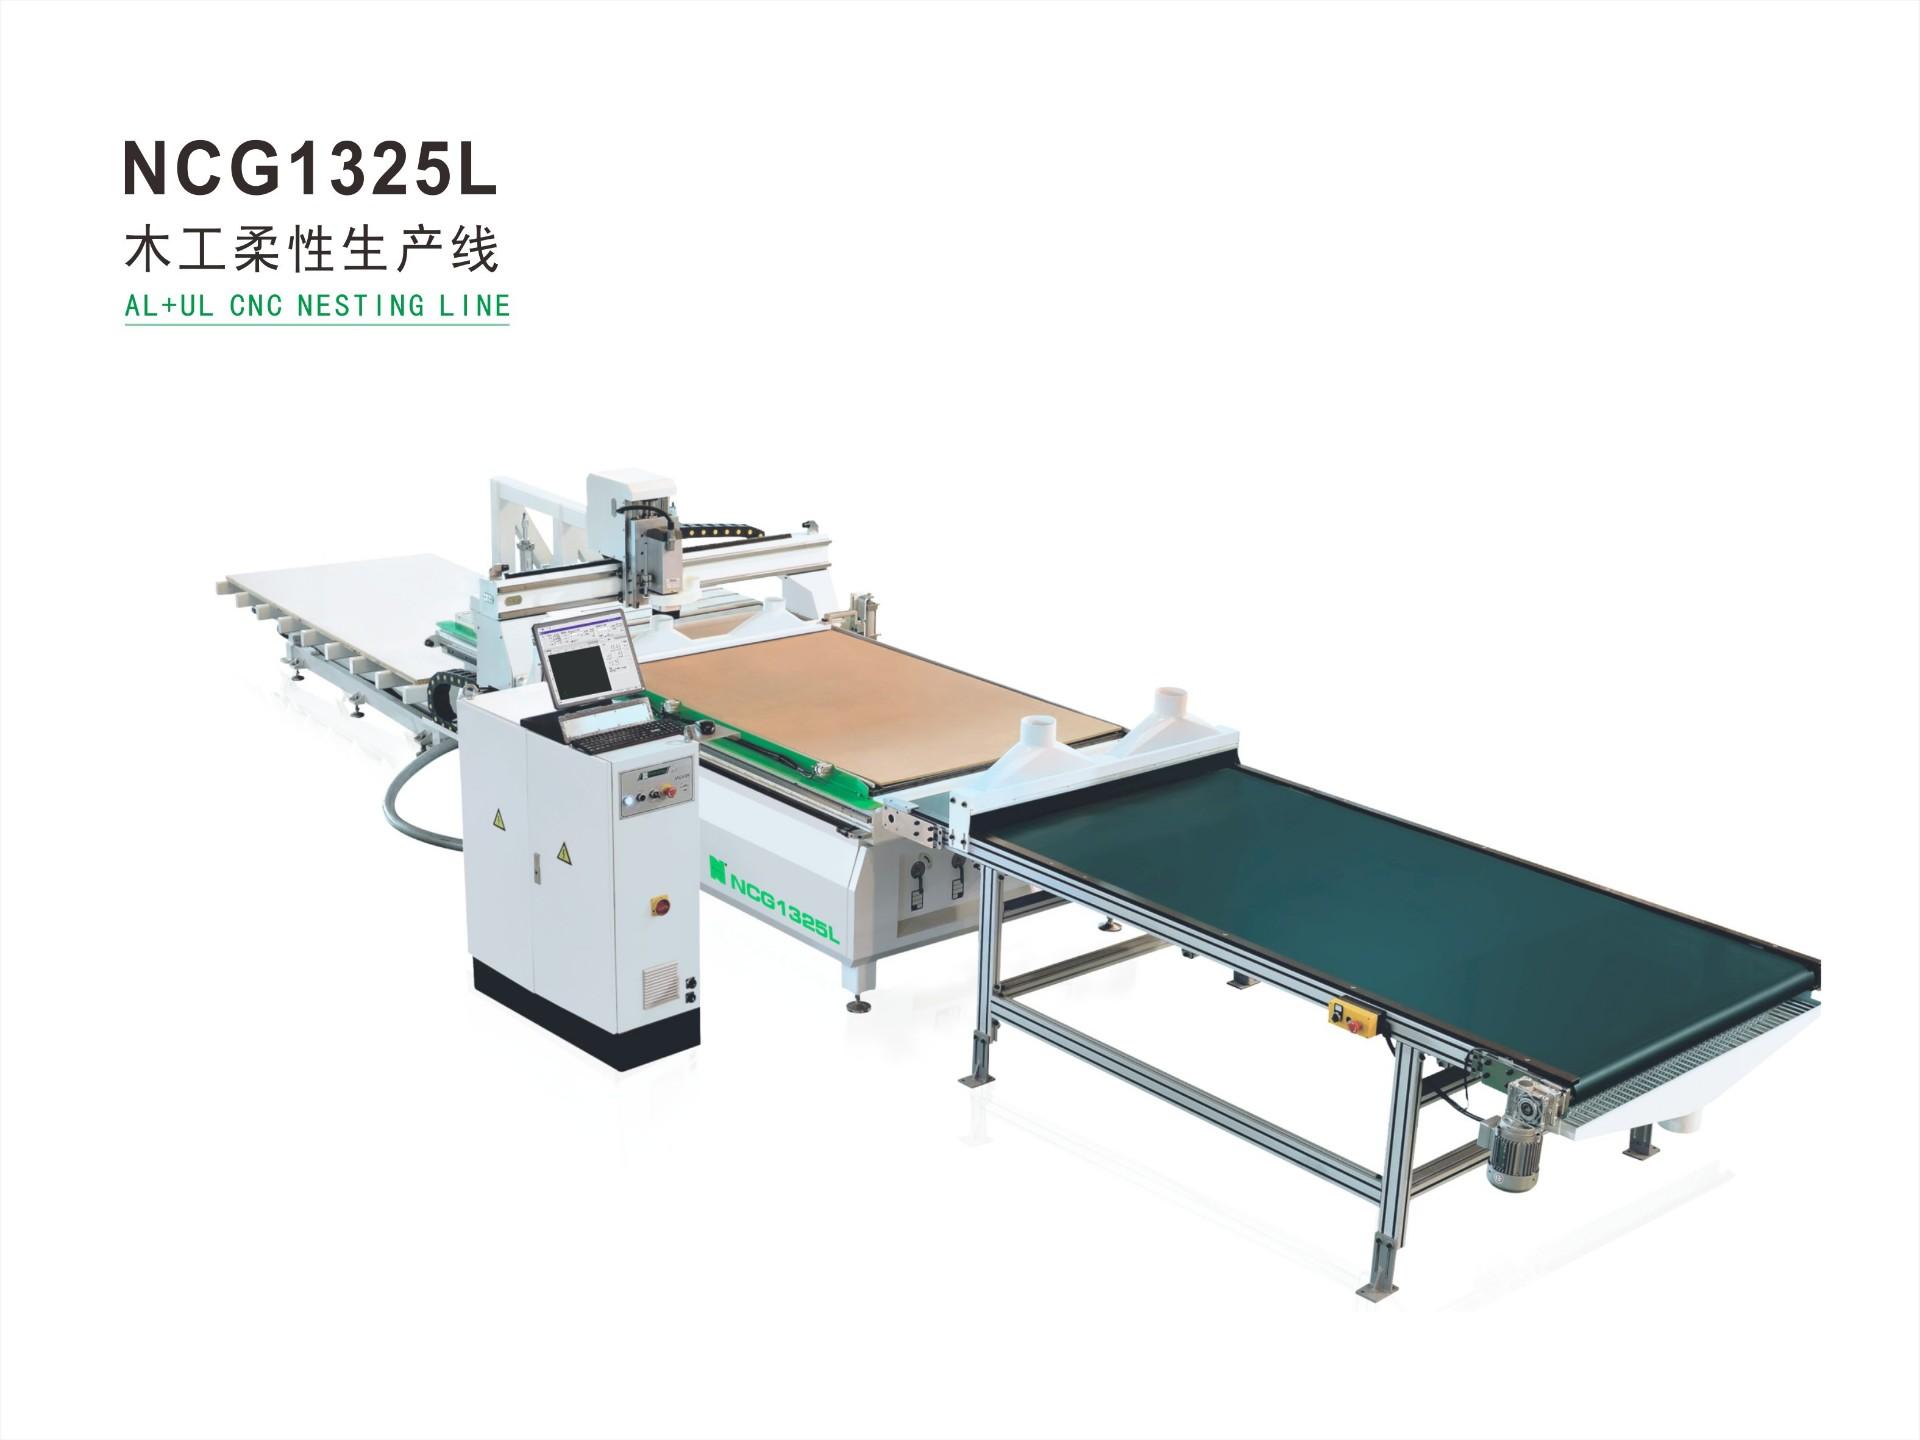 木工柔性生产线 NCG1325L